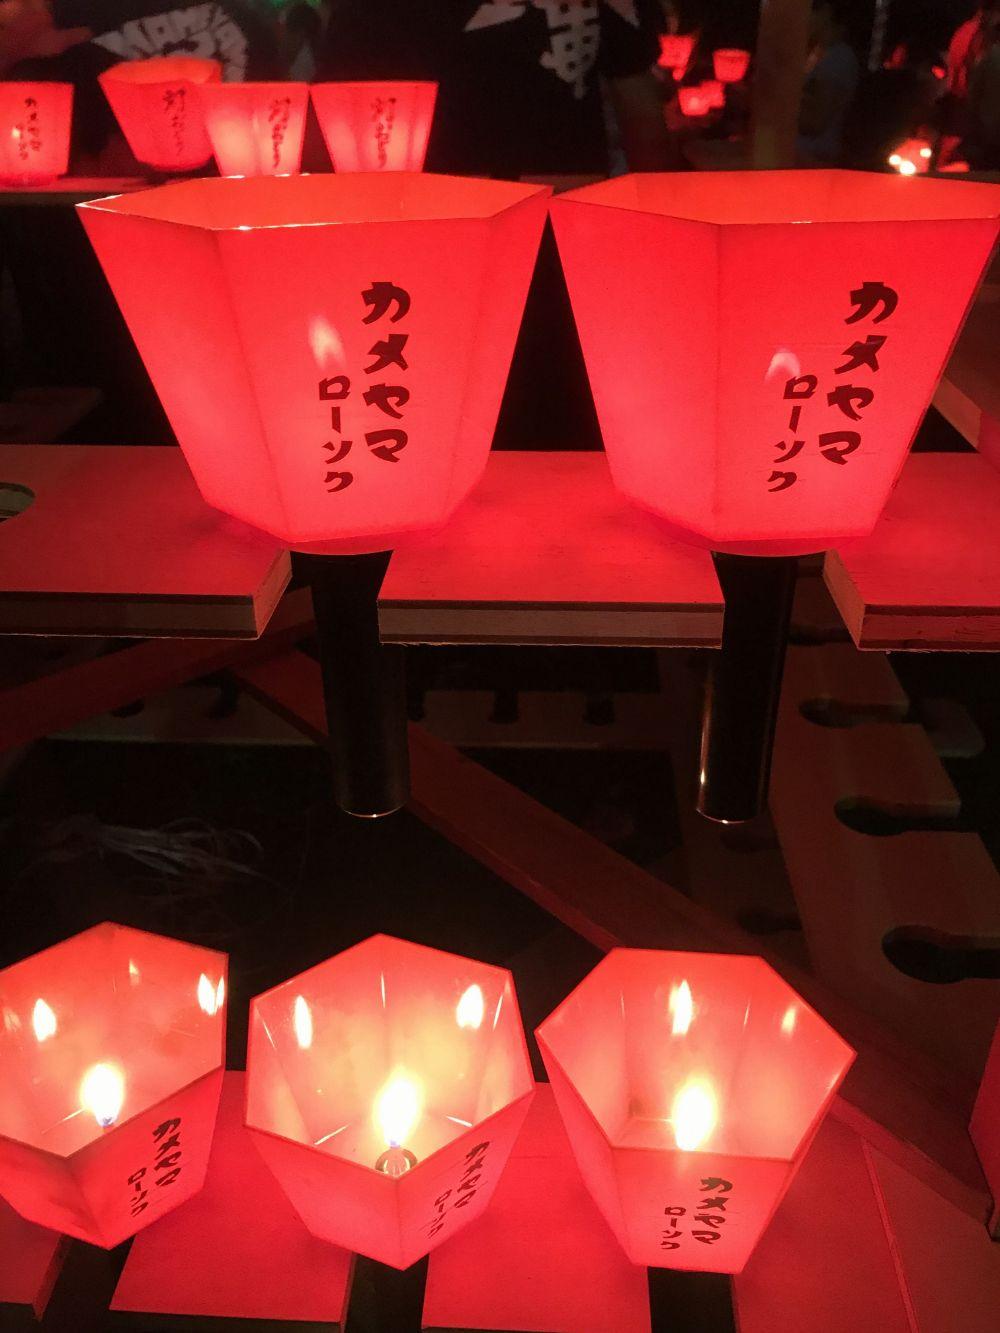 三重女子旅特集 - 伊勢神宮や志摩など人気の観光スポット、おすすめグルメ・ホテルまとめ_50